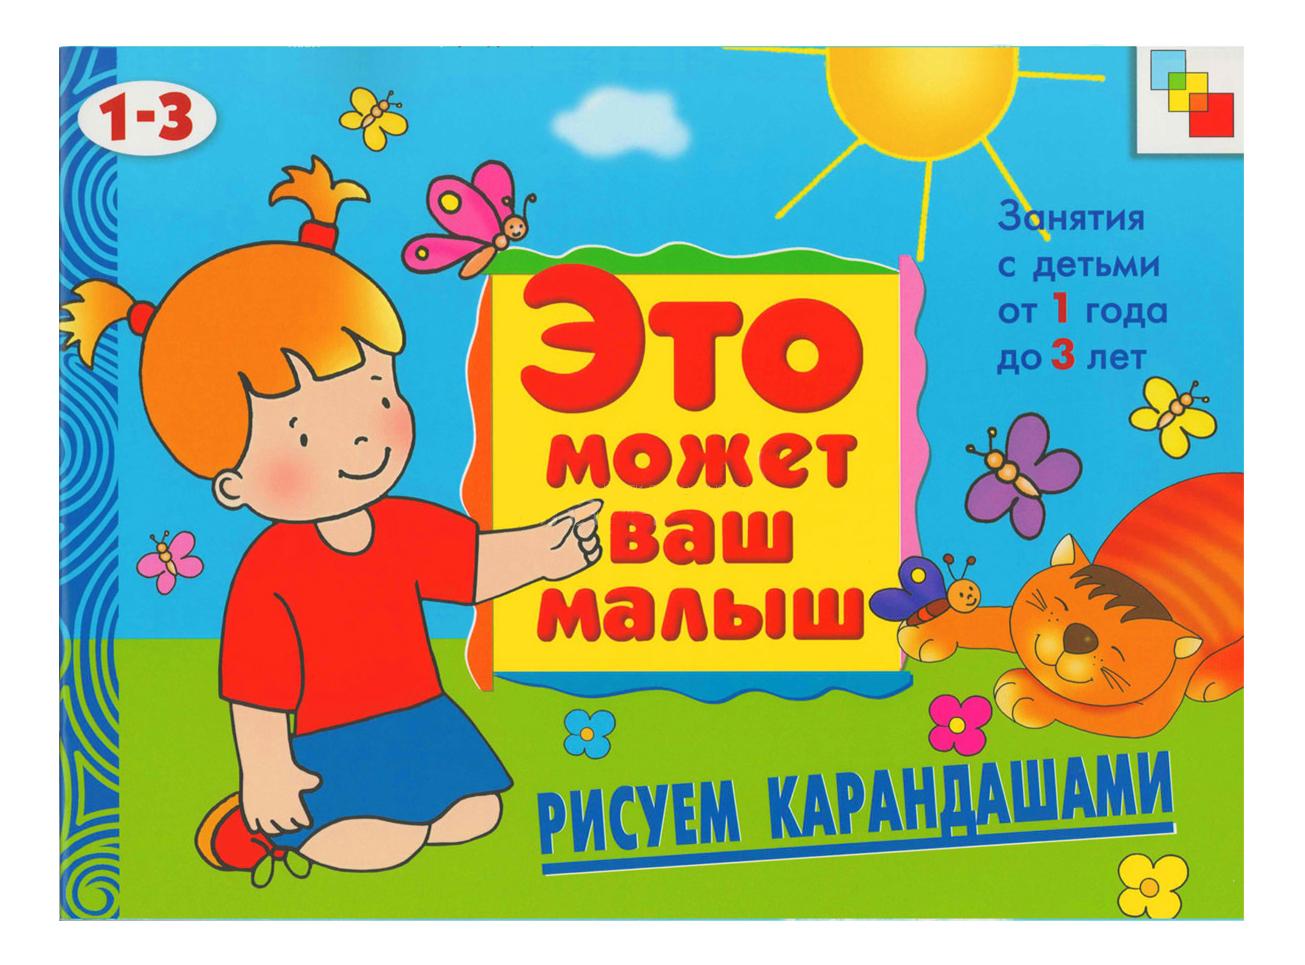 Купить Рисуем карандашами, Книжка Мозаика-Синтез Рисуем карандашами, Книги по обучению и развитию детей